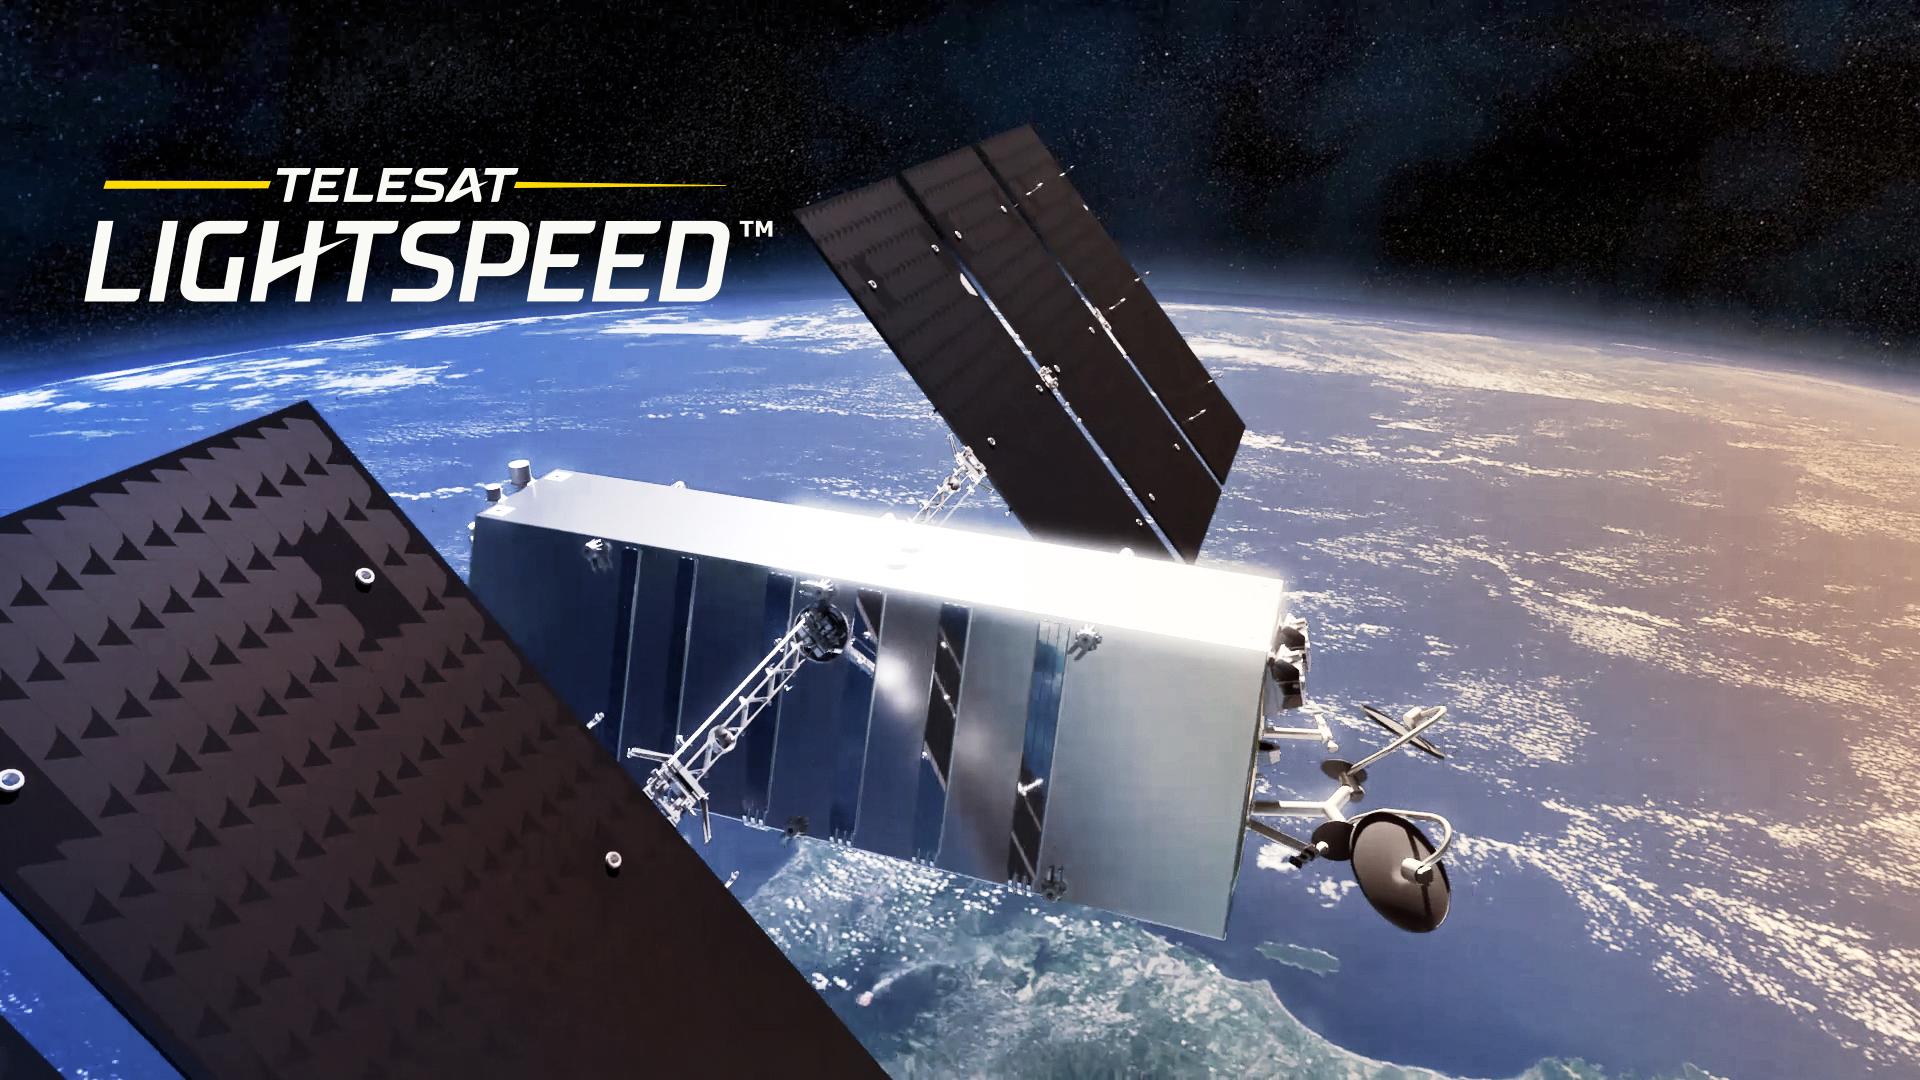 Rendering of Telesat Lightspeed Satellite in orbit